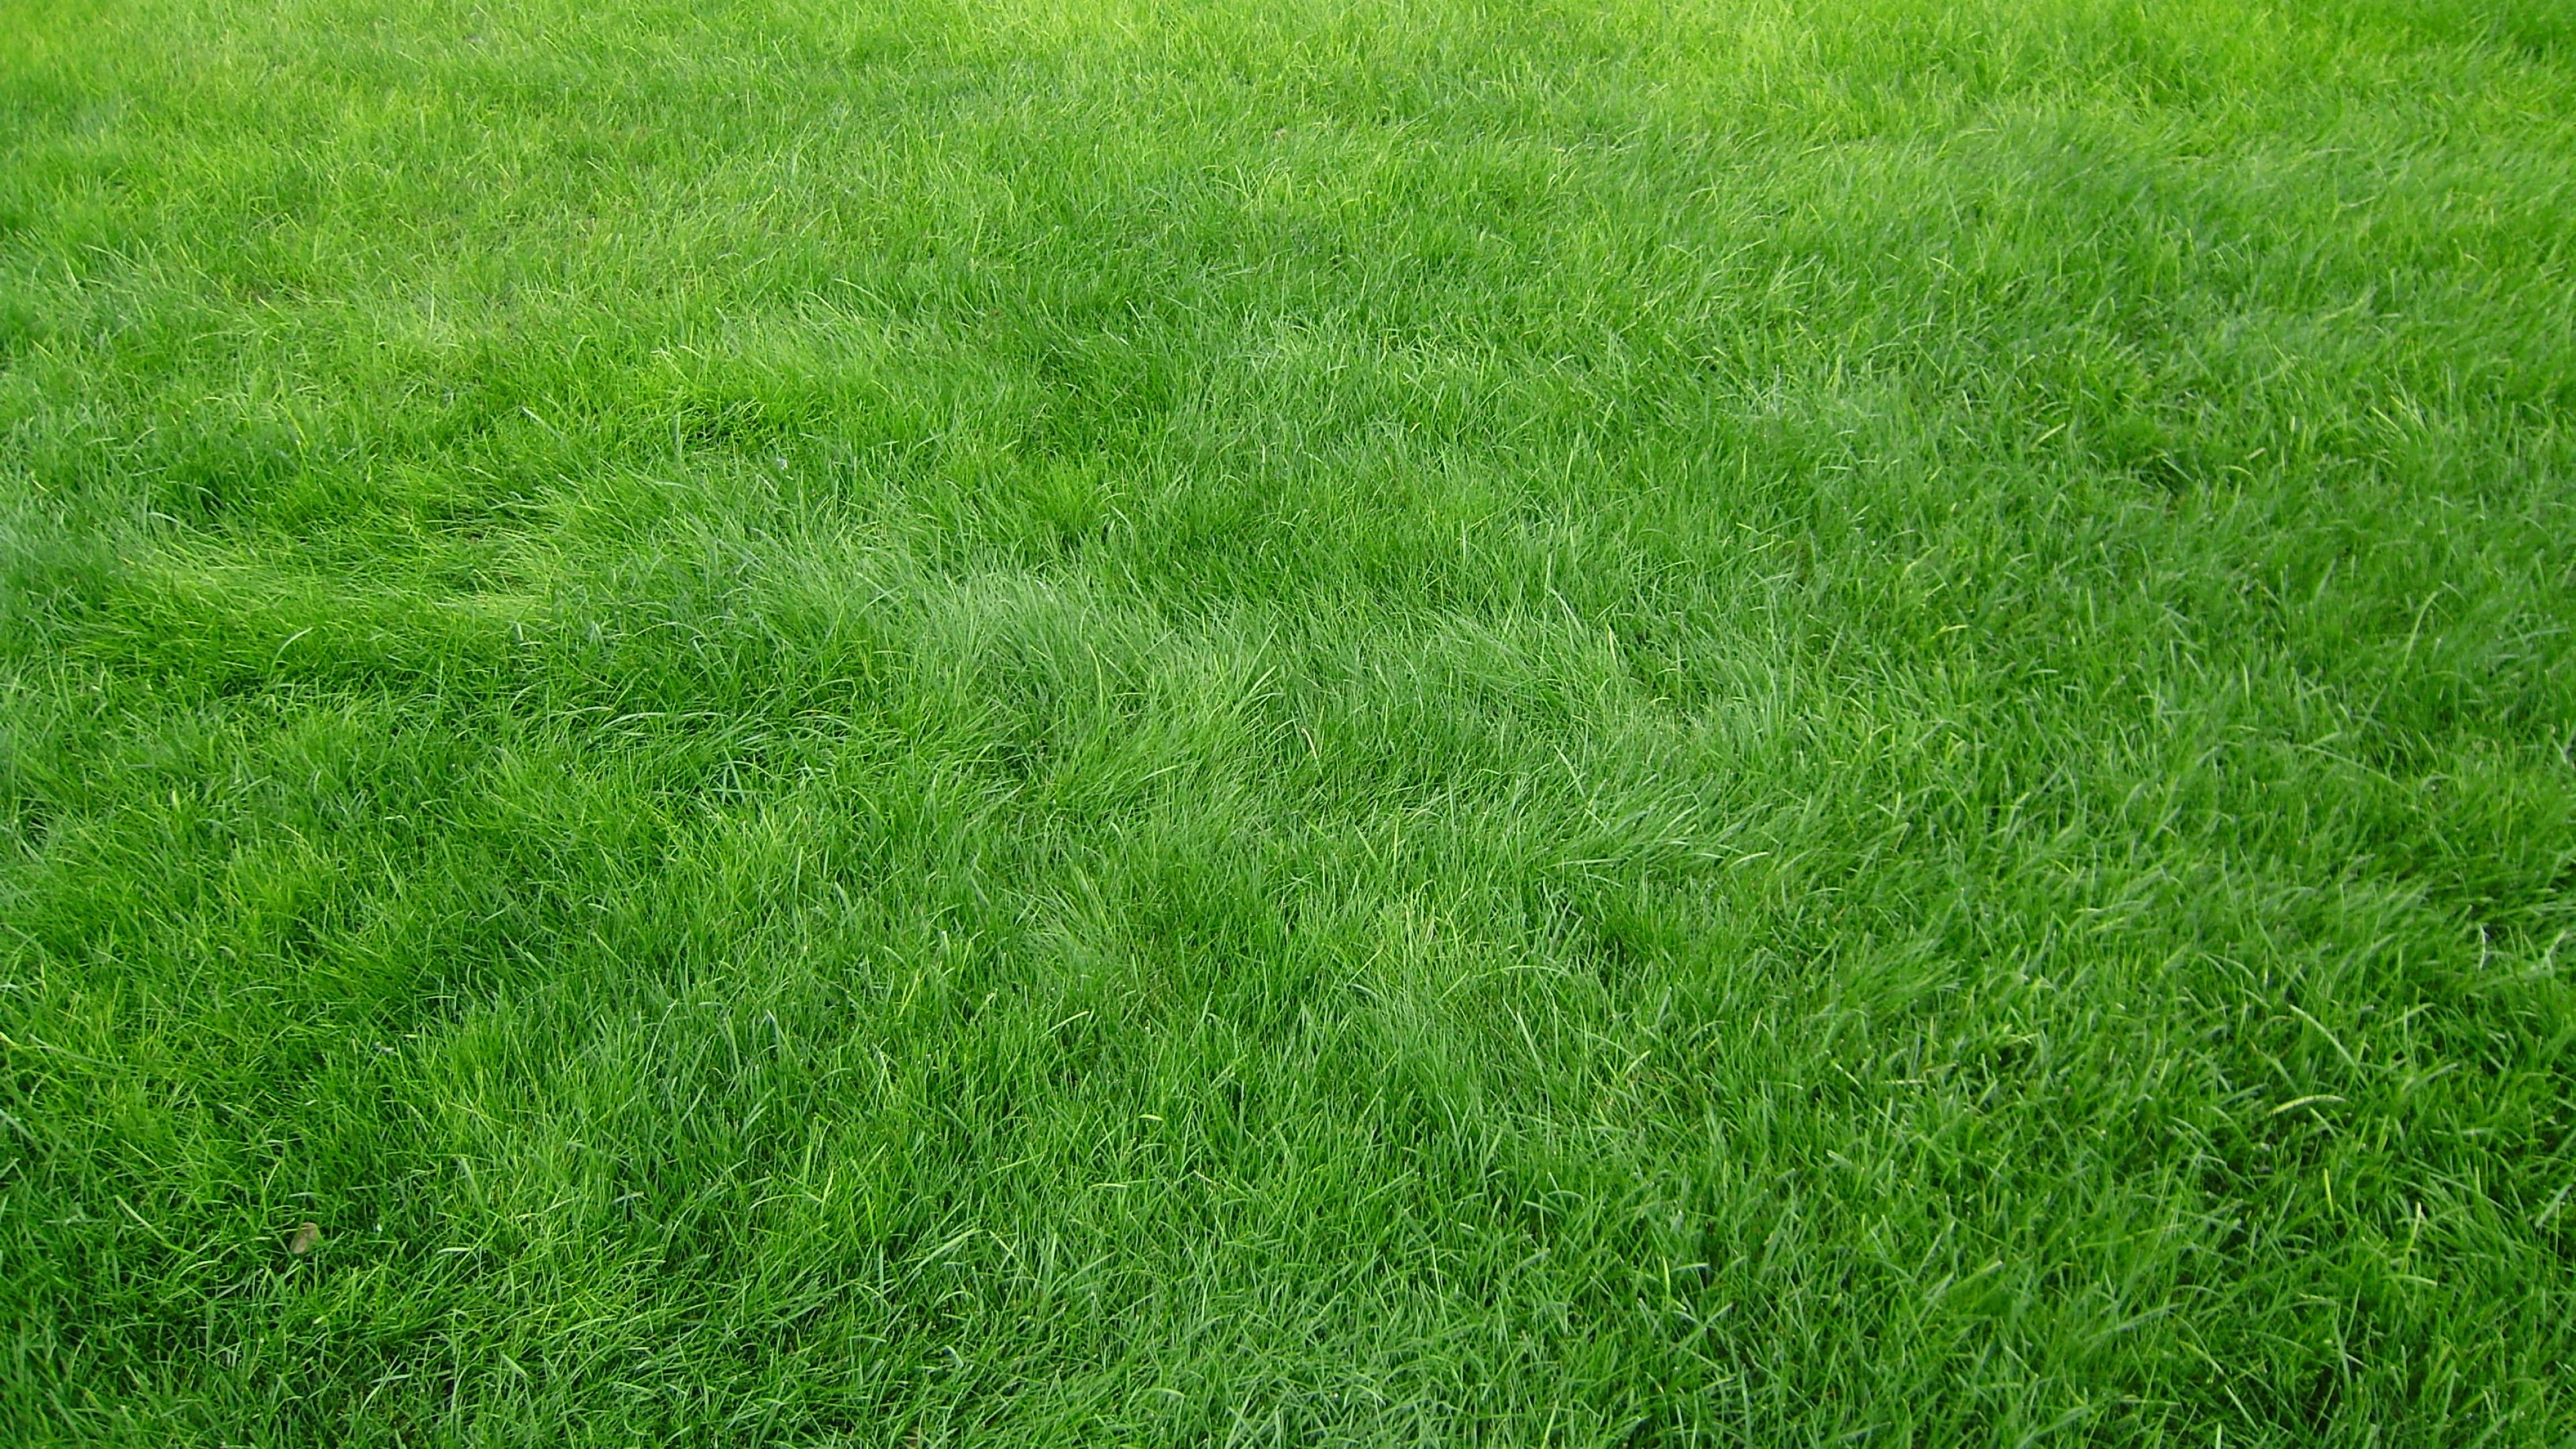 green grass background - HD2048×1152